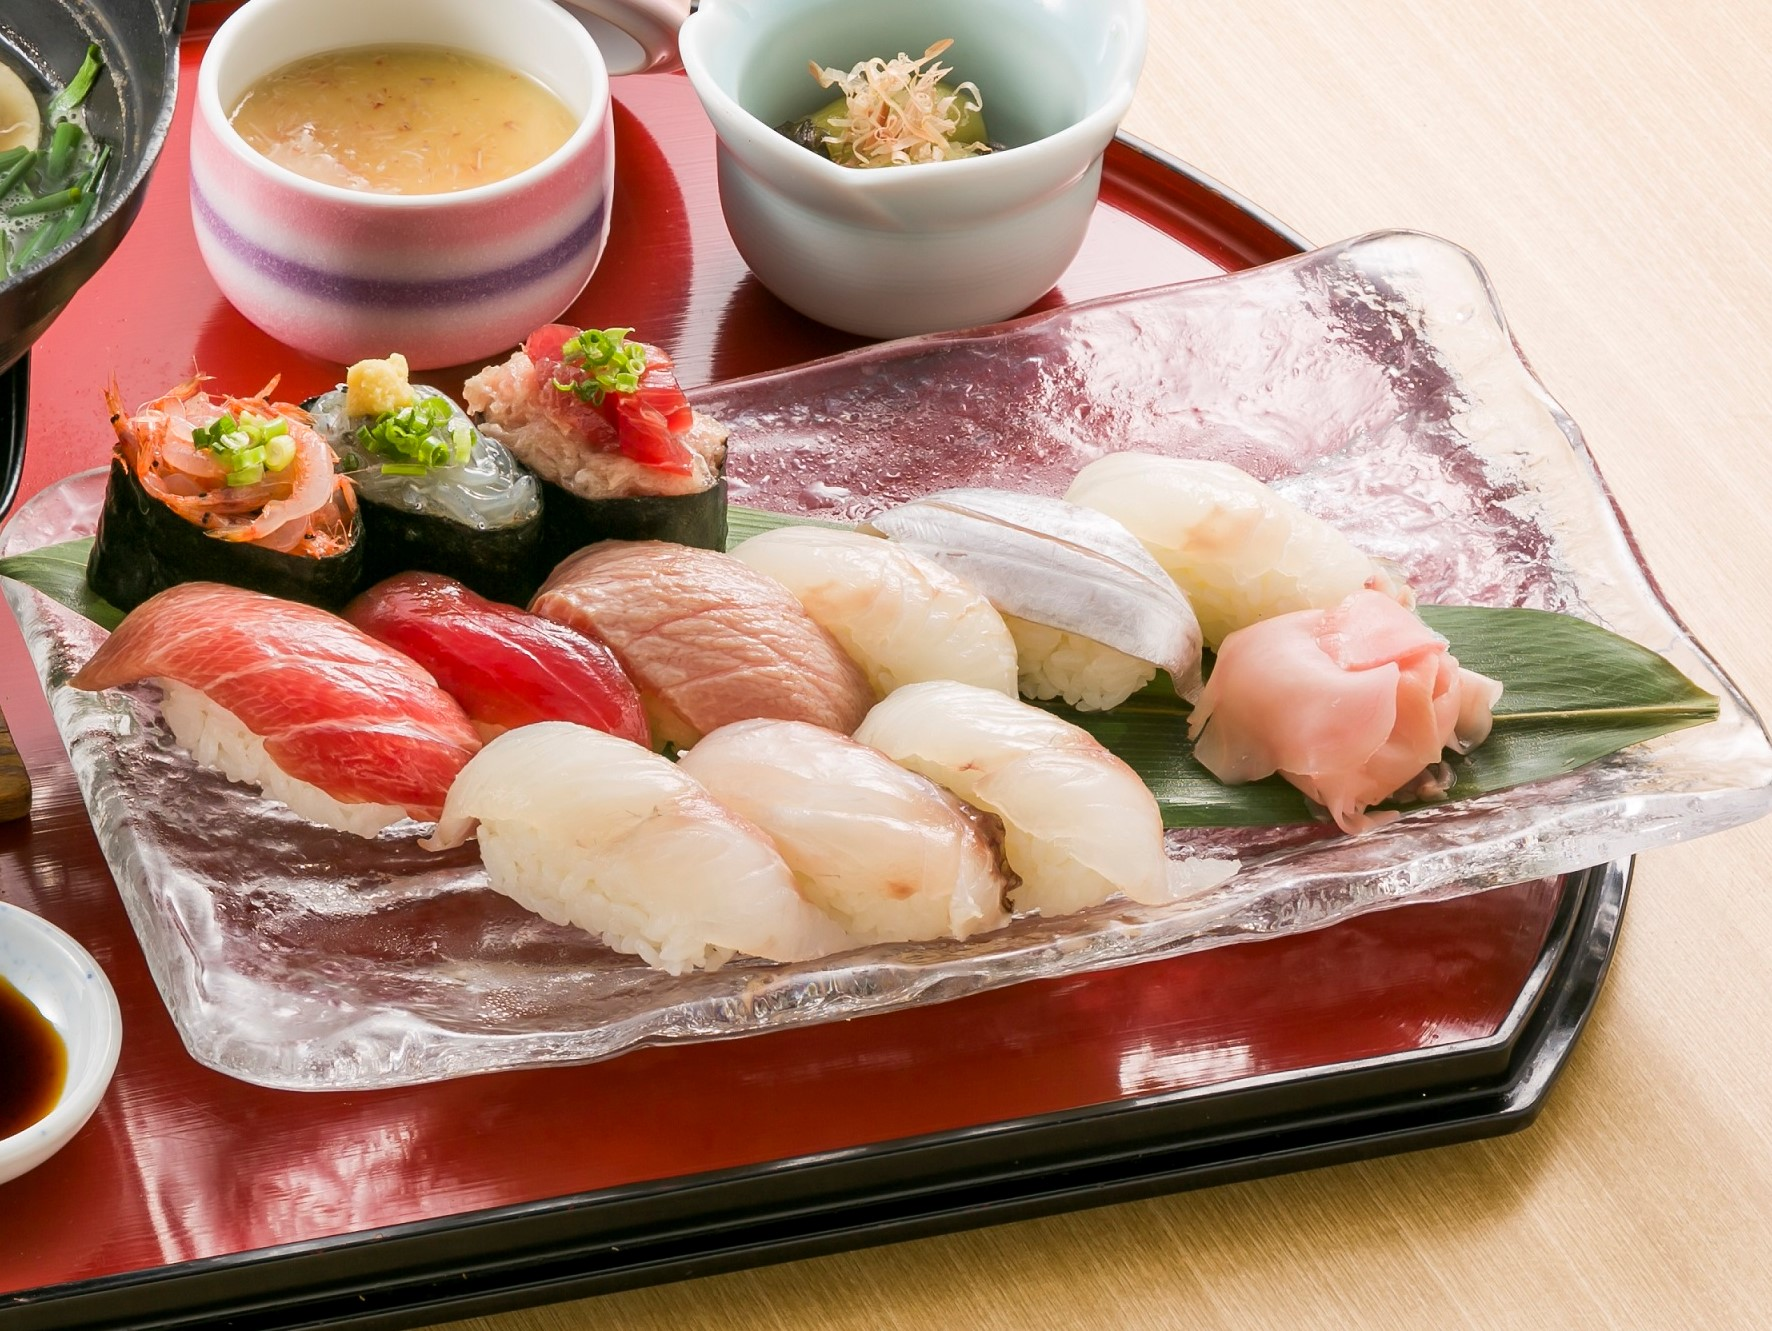 「豪快寿司」うに、イクラ、トロを文字どおり豪快に召し上がって頂きます。